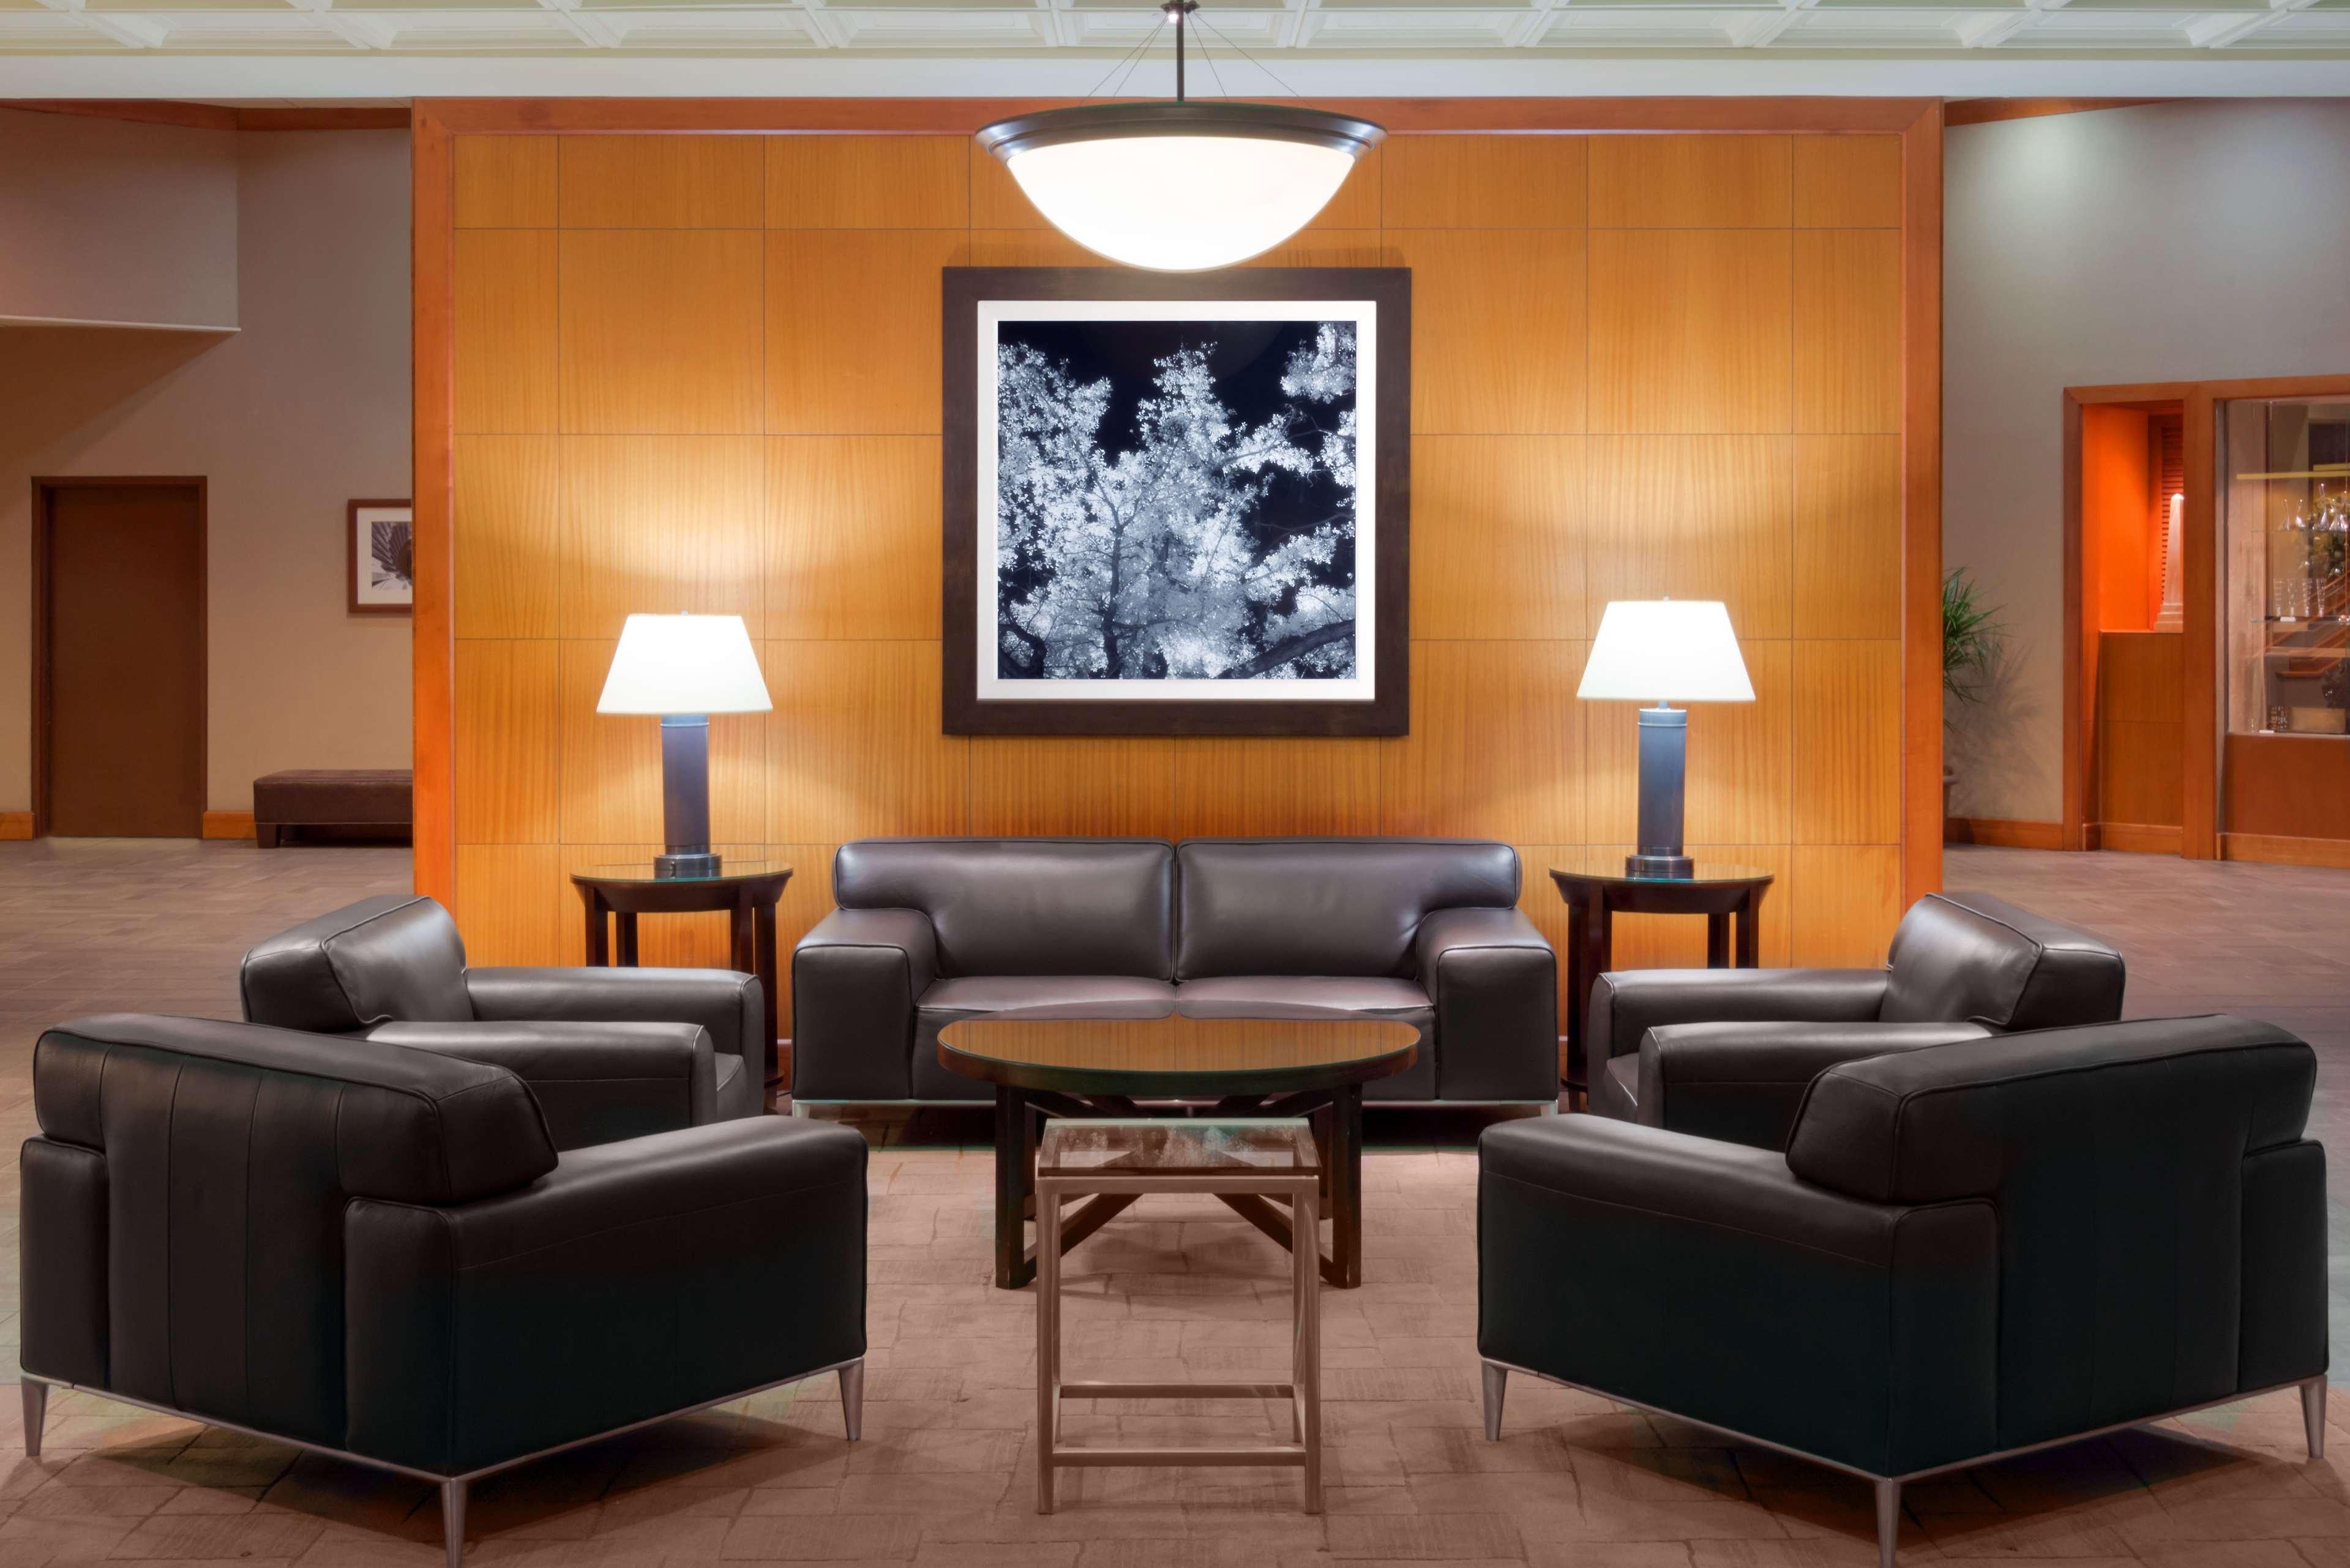 Sheraton Denver West Hotel image 2